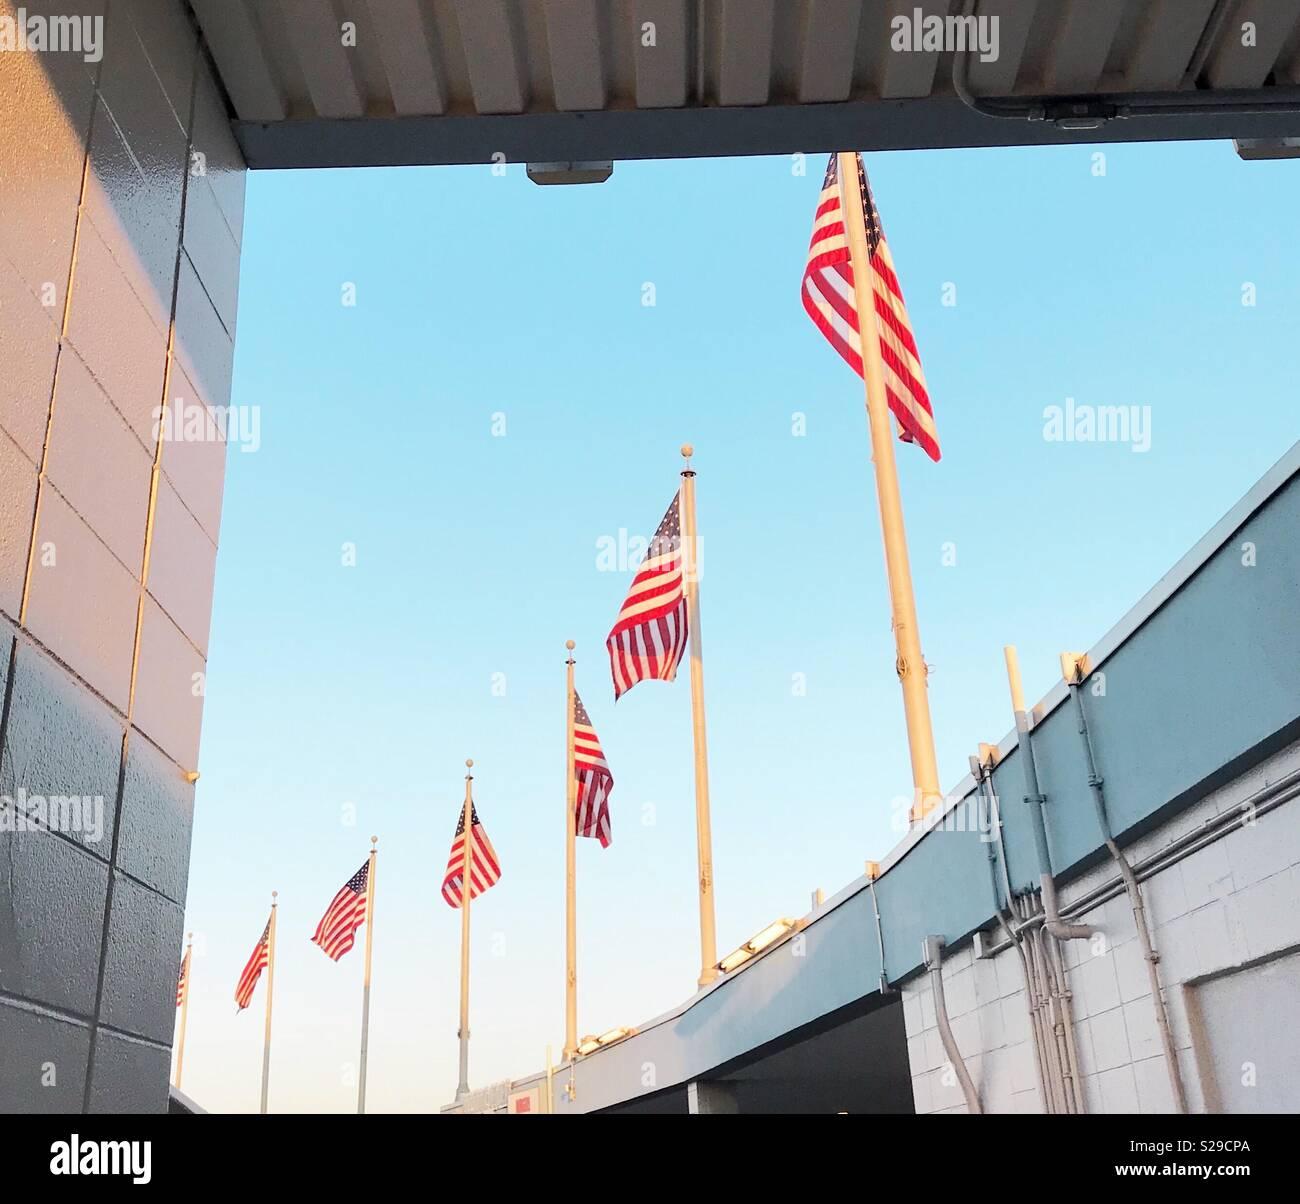 Drapeaux américains dans un groupe contre le ciel bleu. Photo Stock